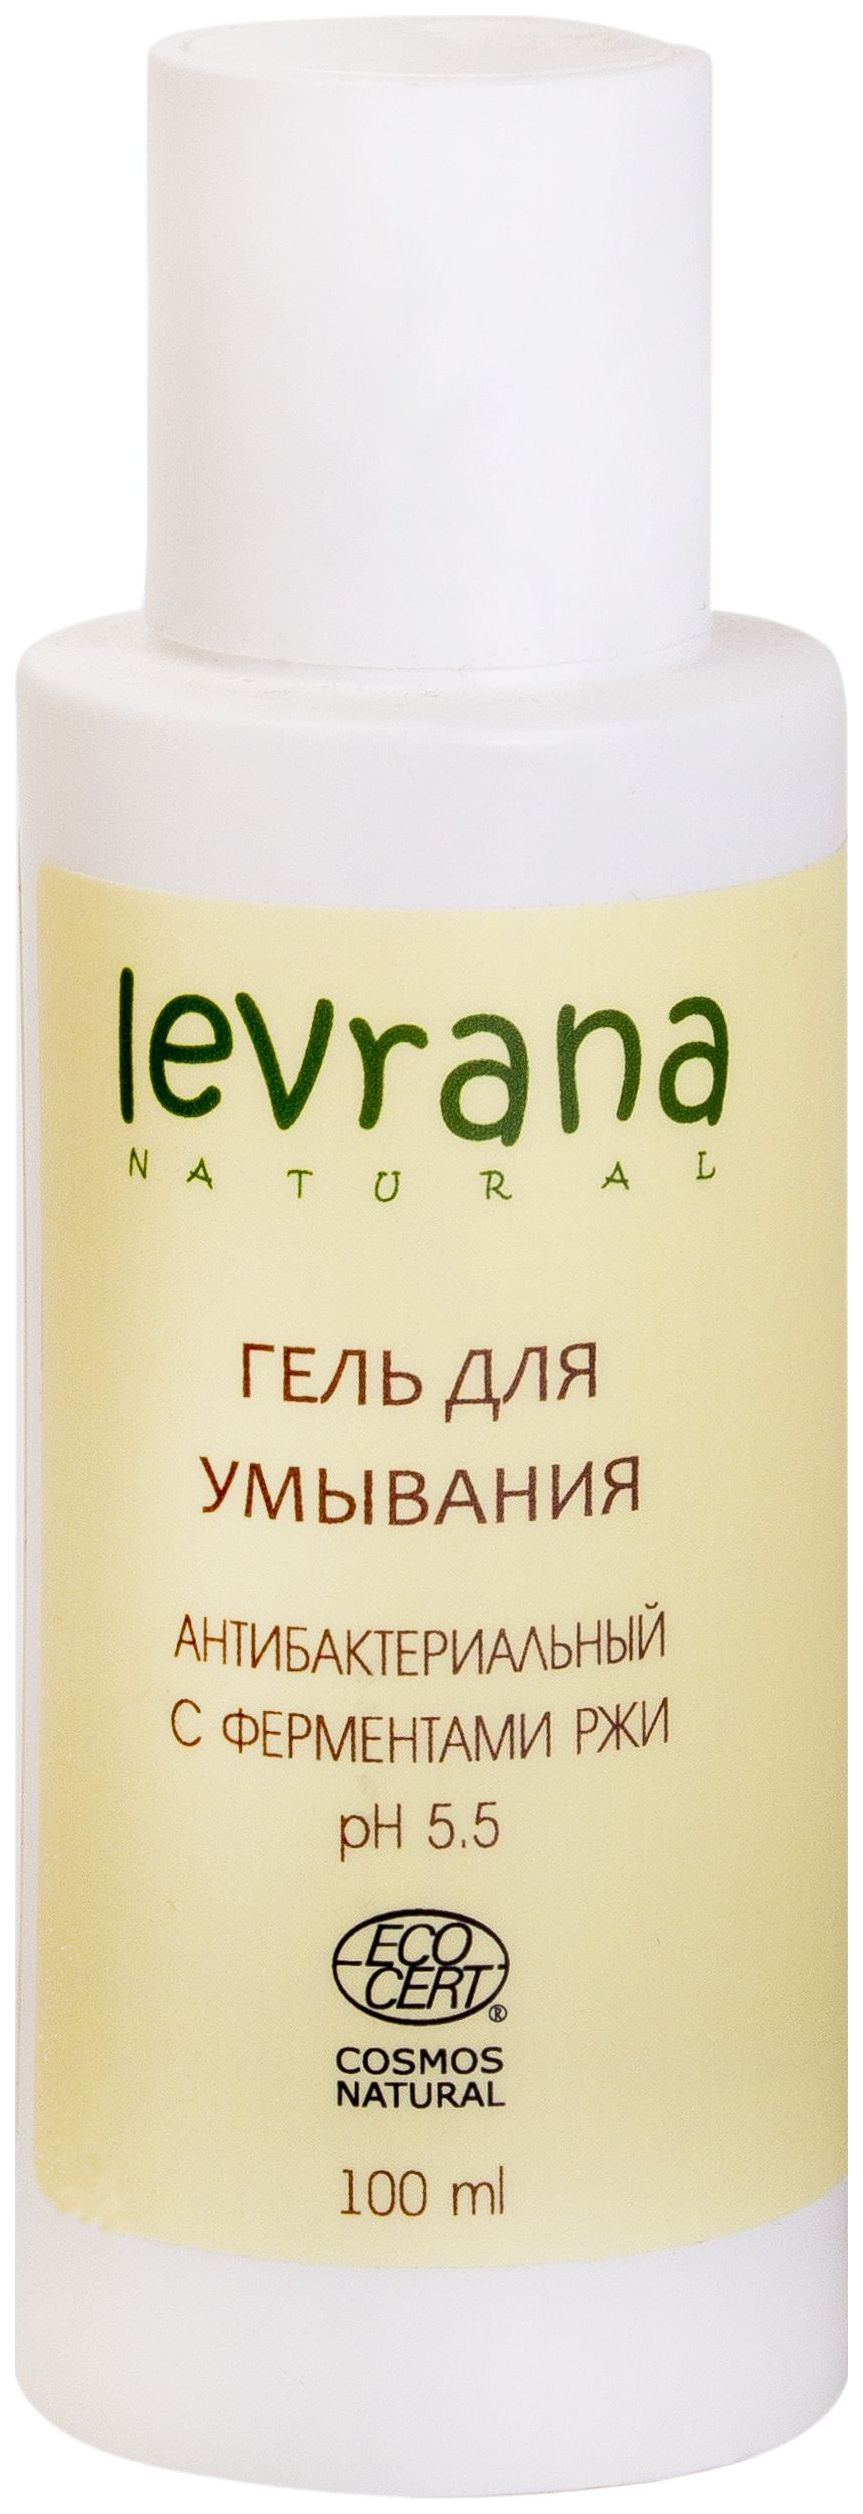 Гель для умывания Levrana Антибактериальный 100 мл